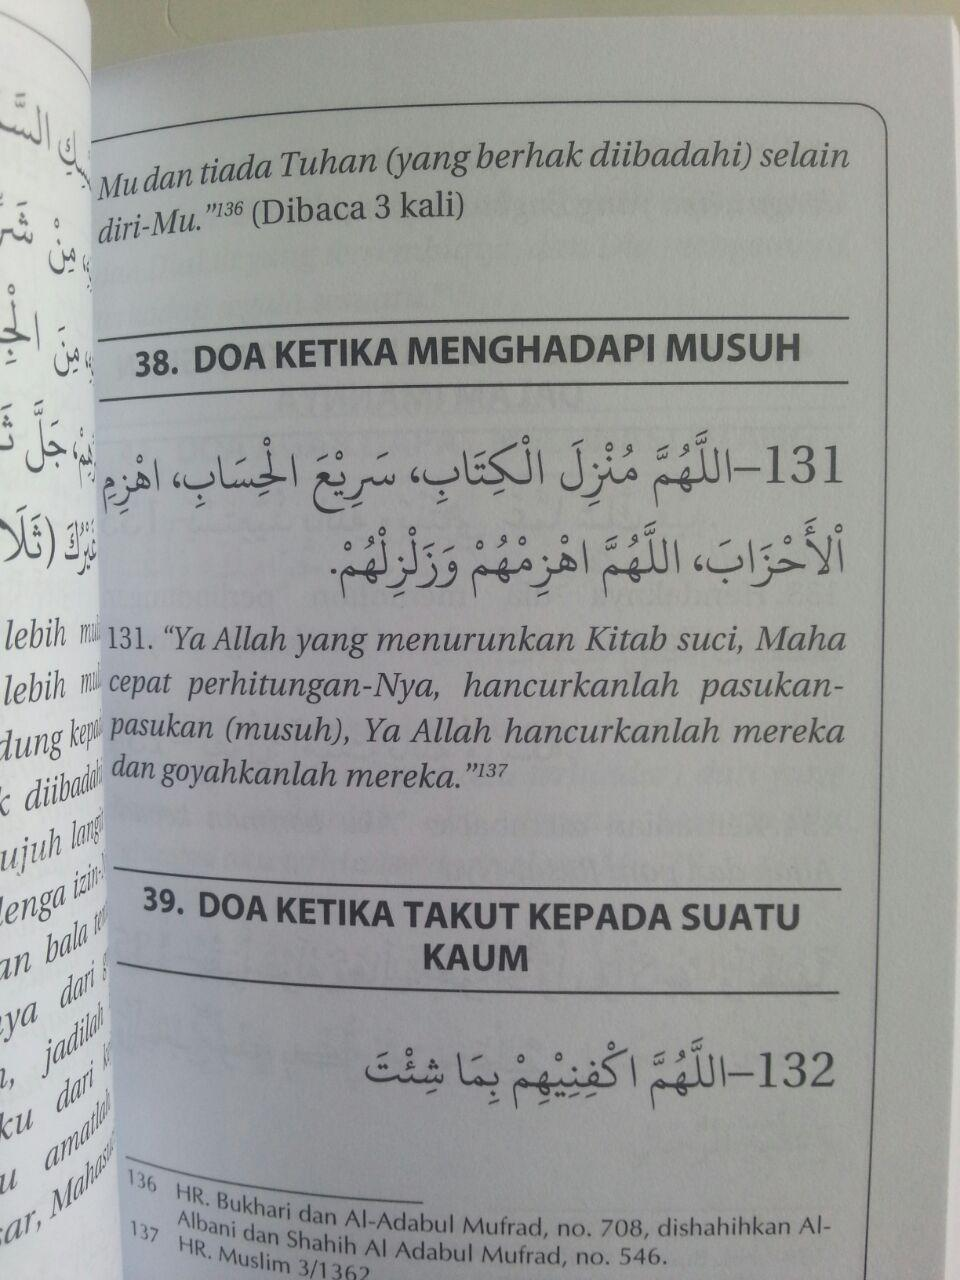 Buku Hishnul Muslim Doa Dan Zikir Sehari-Hari Dari Quran Sunnah isi 3